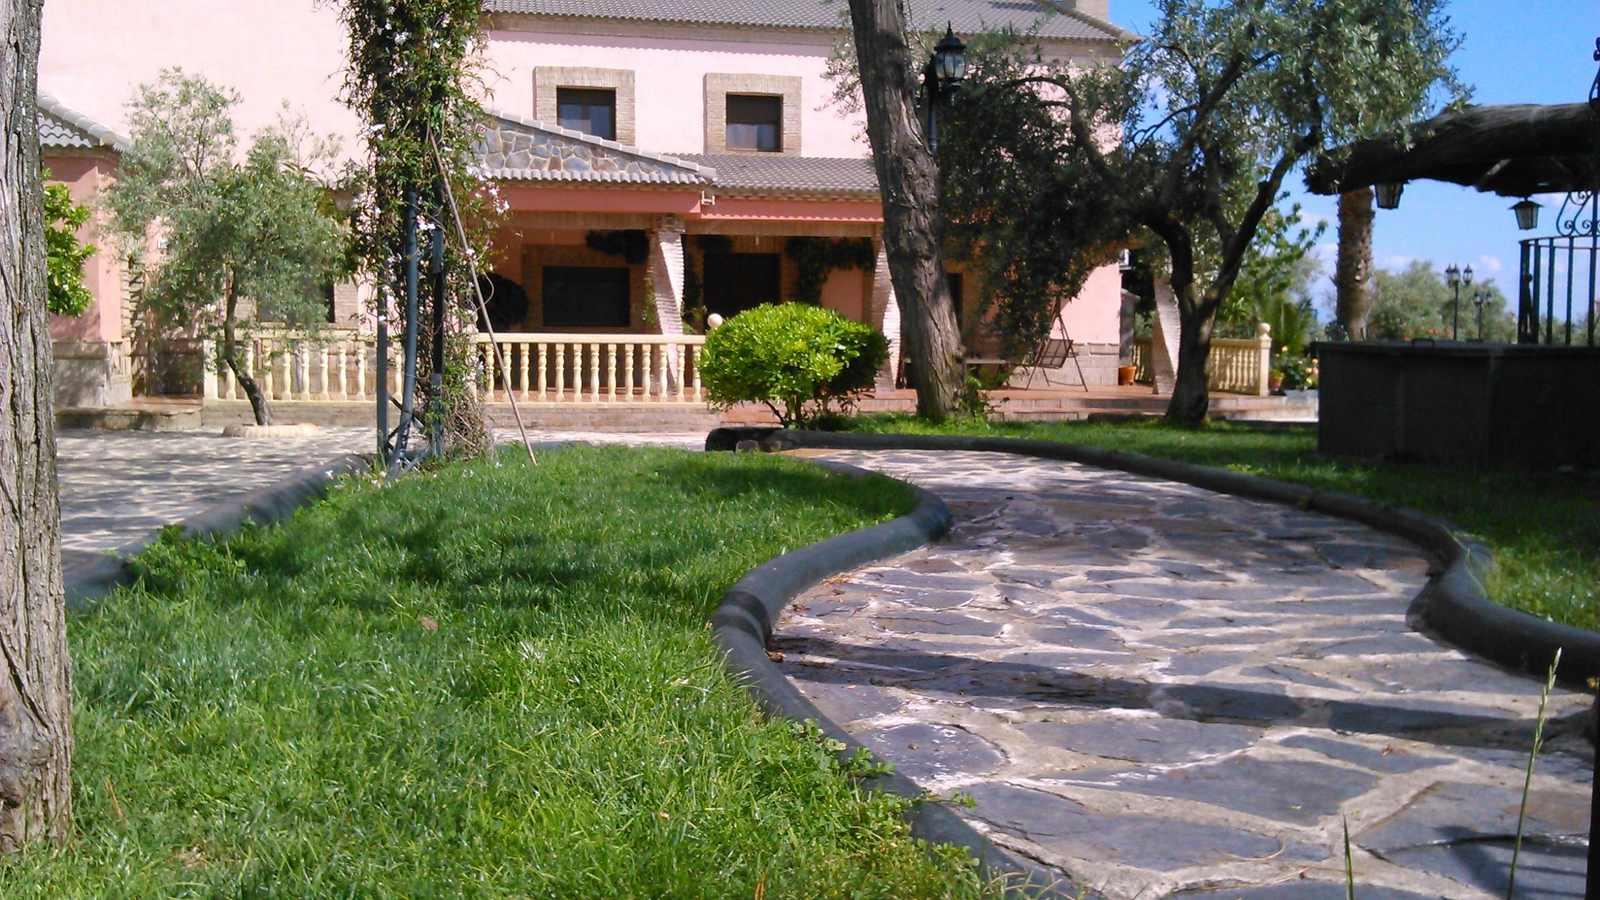 Alquiler vacaciones en Montoro, Córdoba